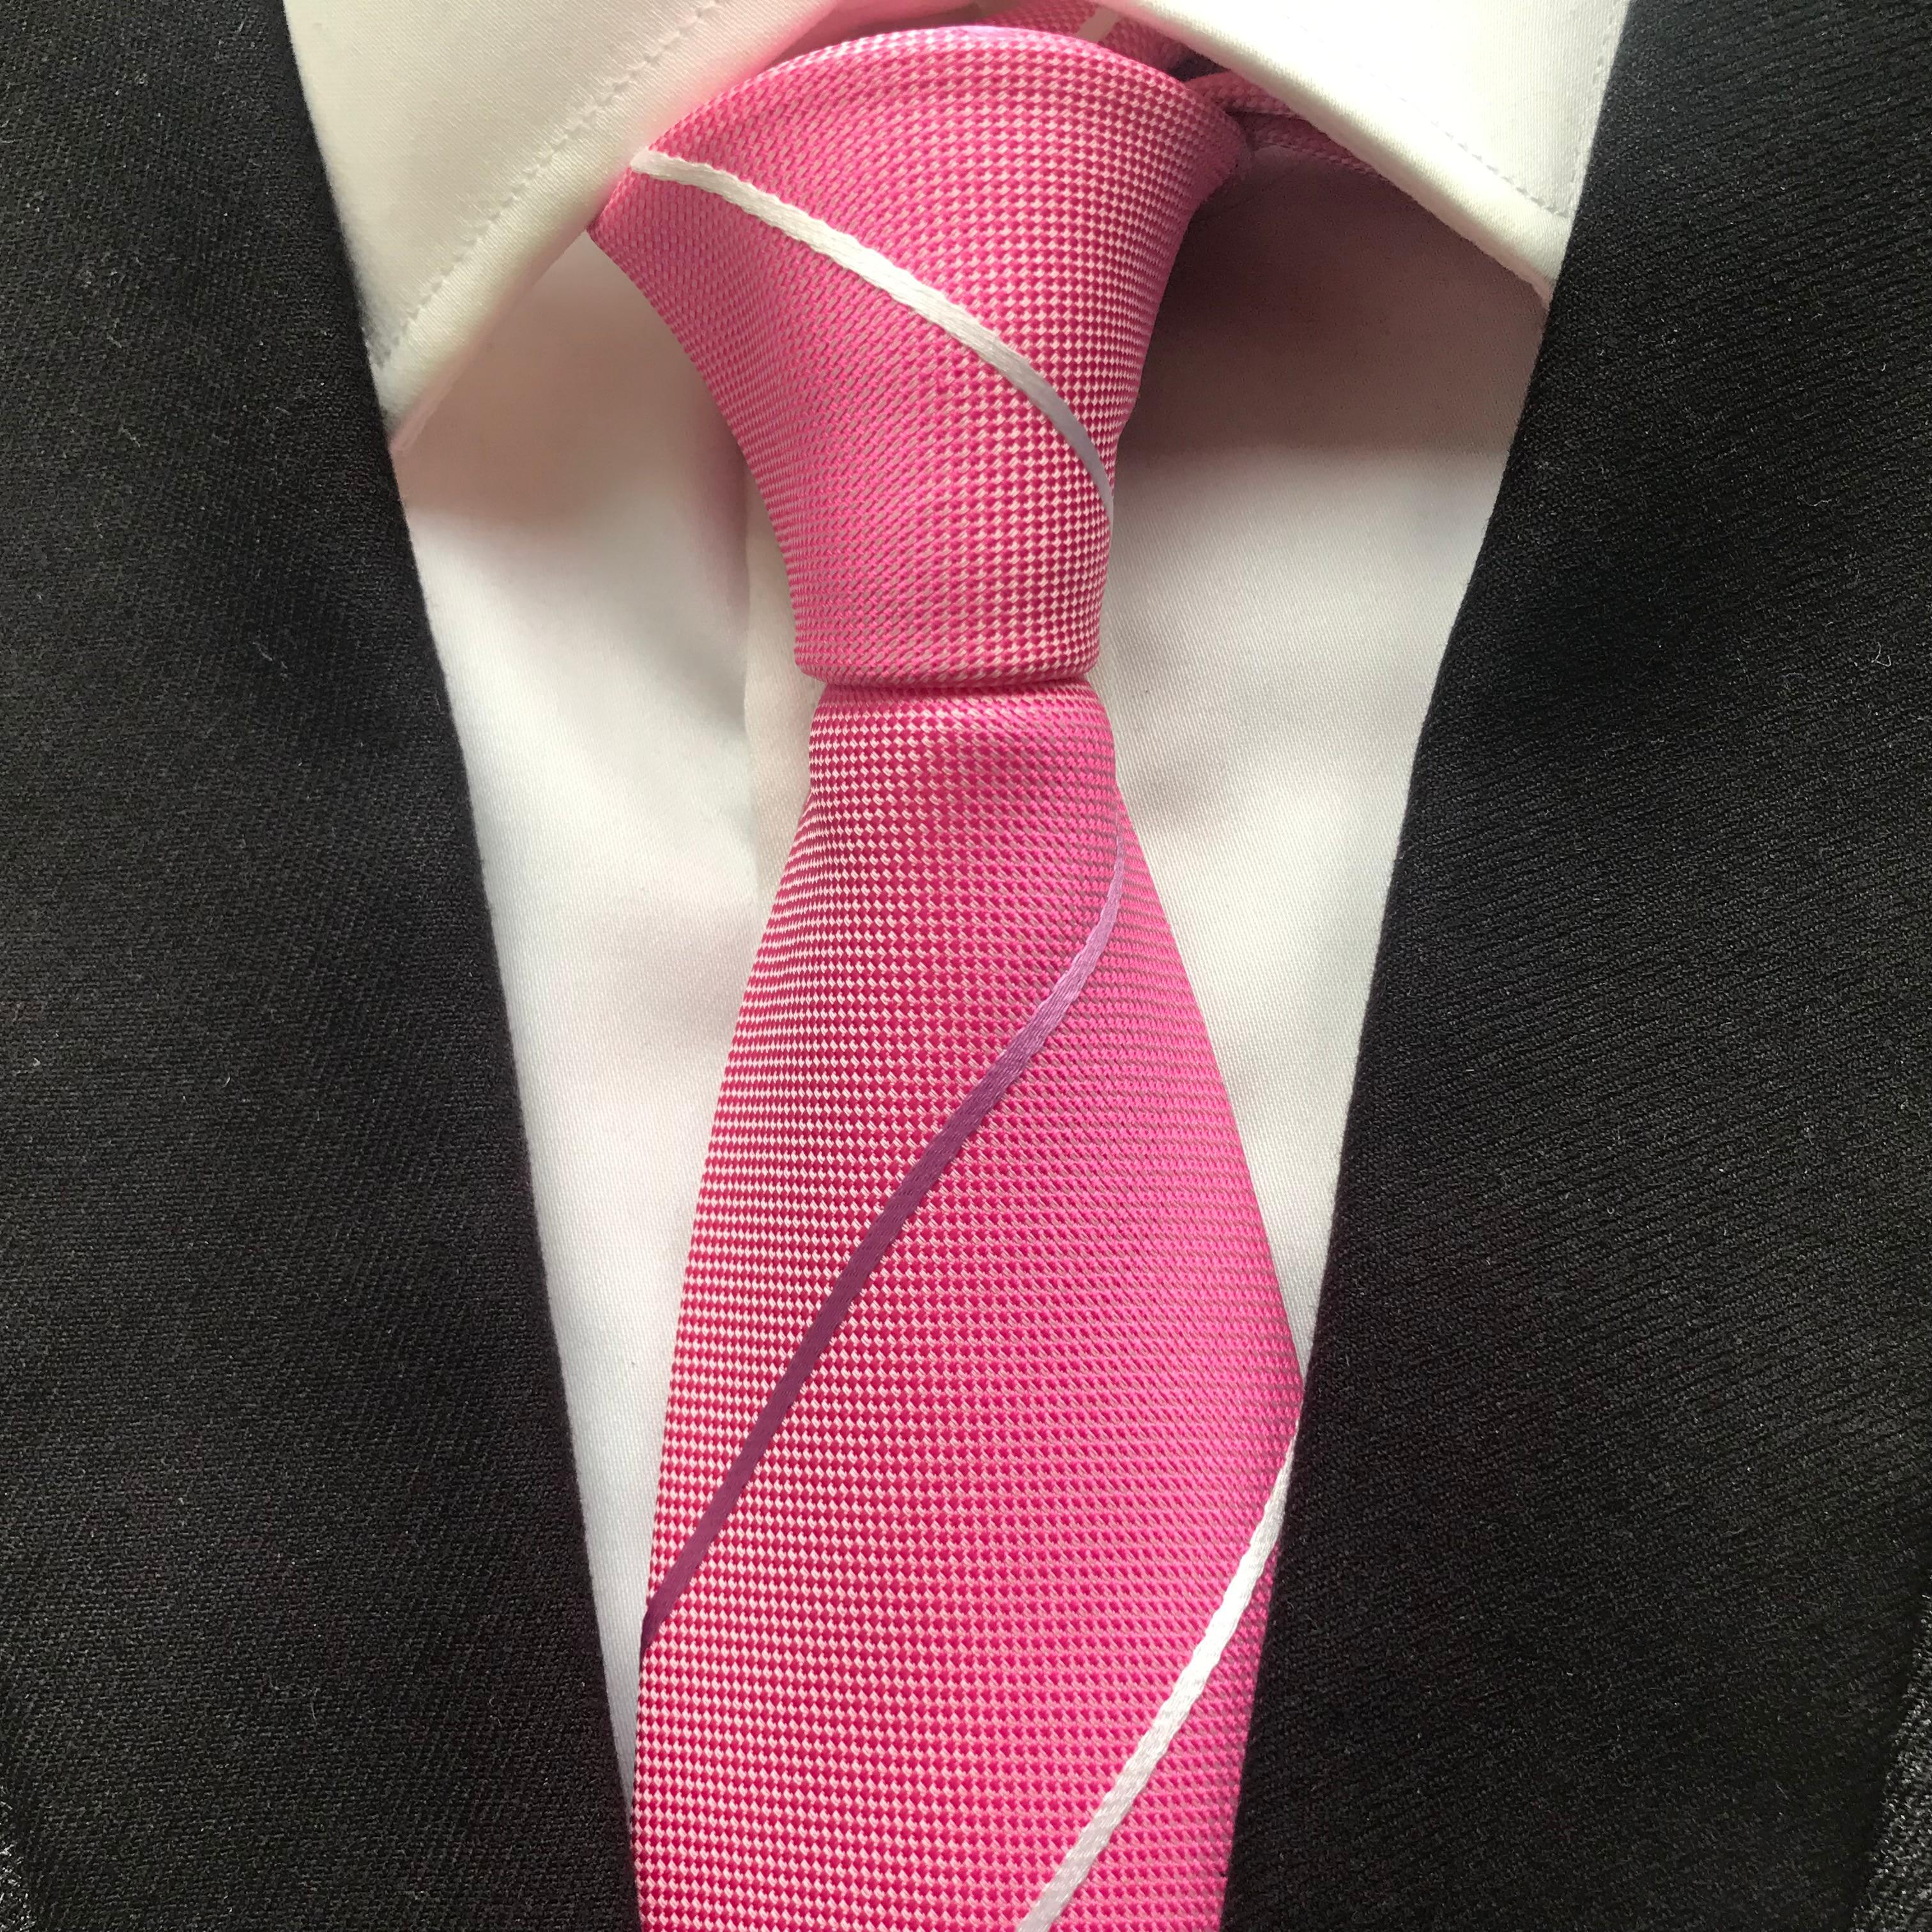 Мужской галстук в розовую полоску, ширина 10 см